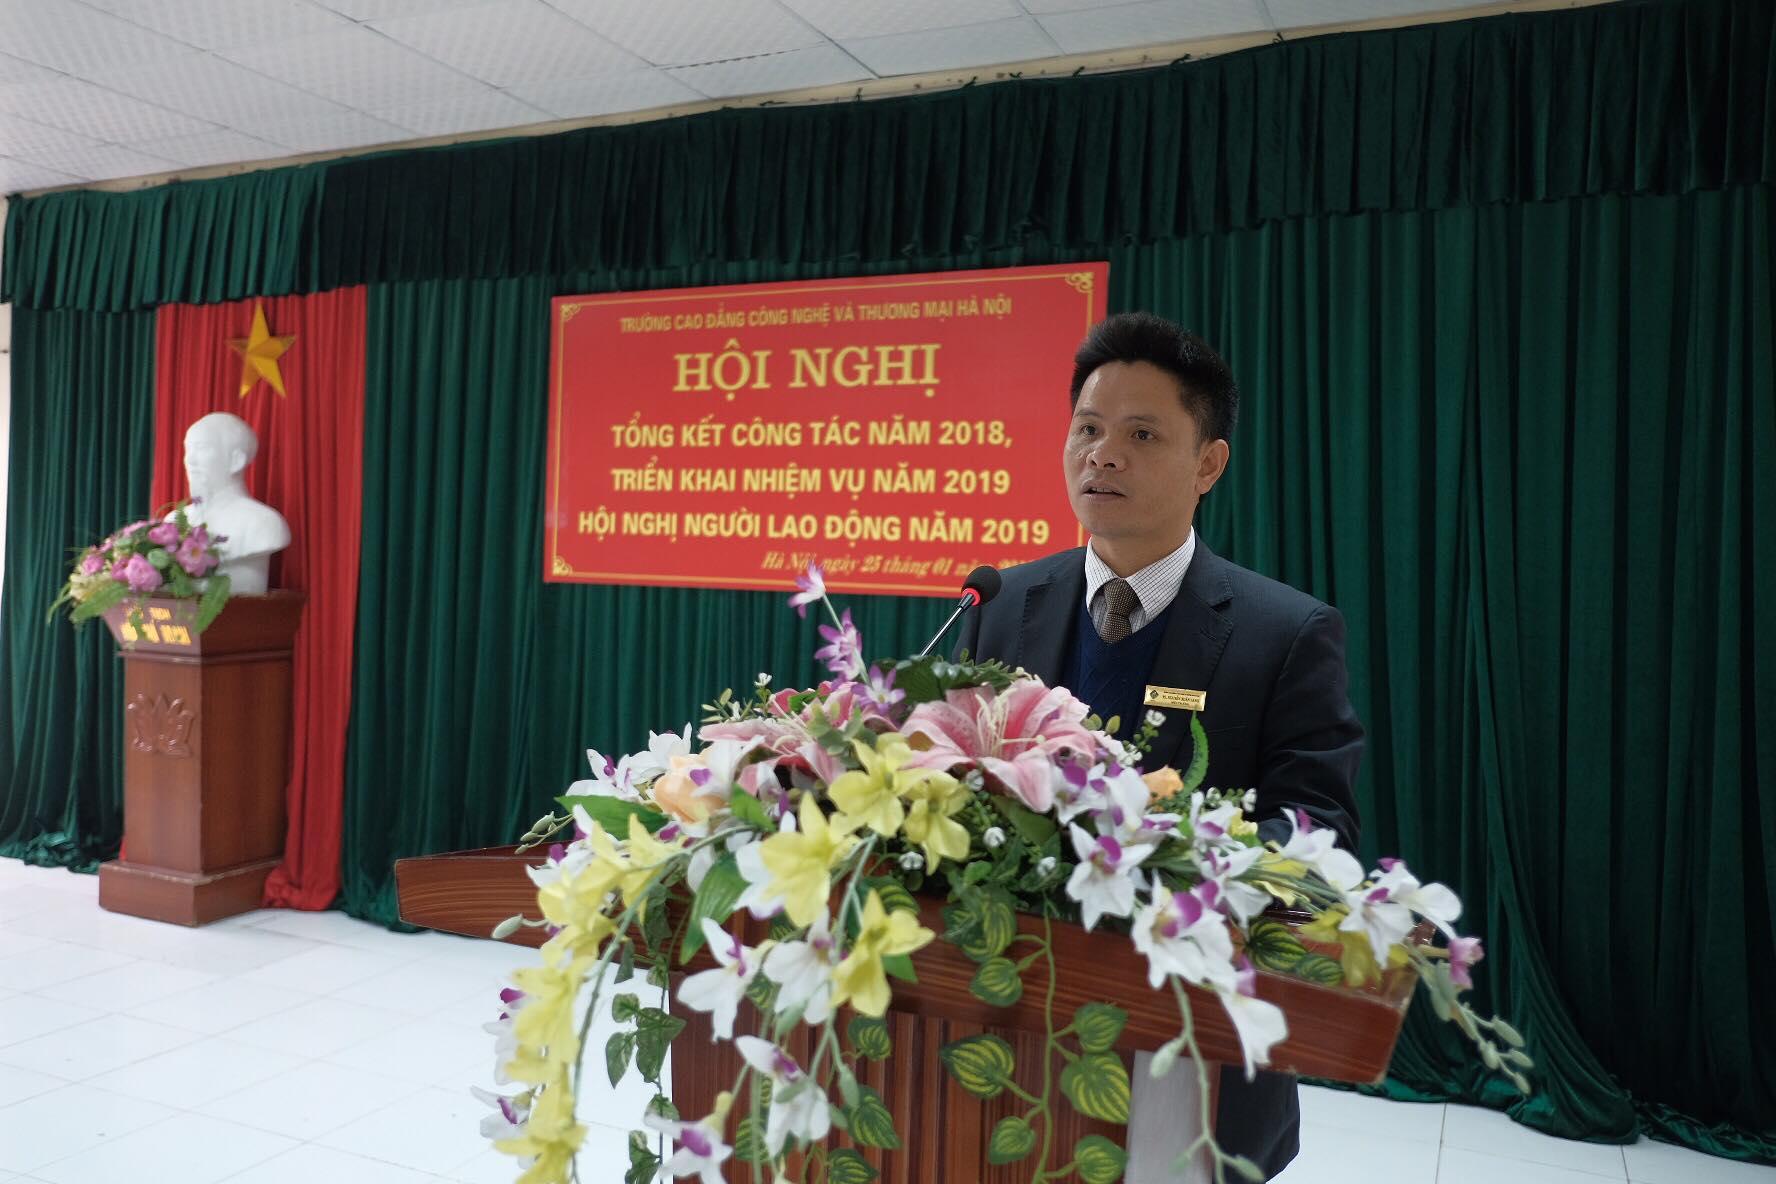 TS. Nguyễn Xuân Sang - Hiệu trưởng Nhà trường trình bày báo cáo tổng kết công tác năm 2018 và triển khai phương hướng, nhiệm vụ công tác năm 2019